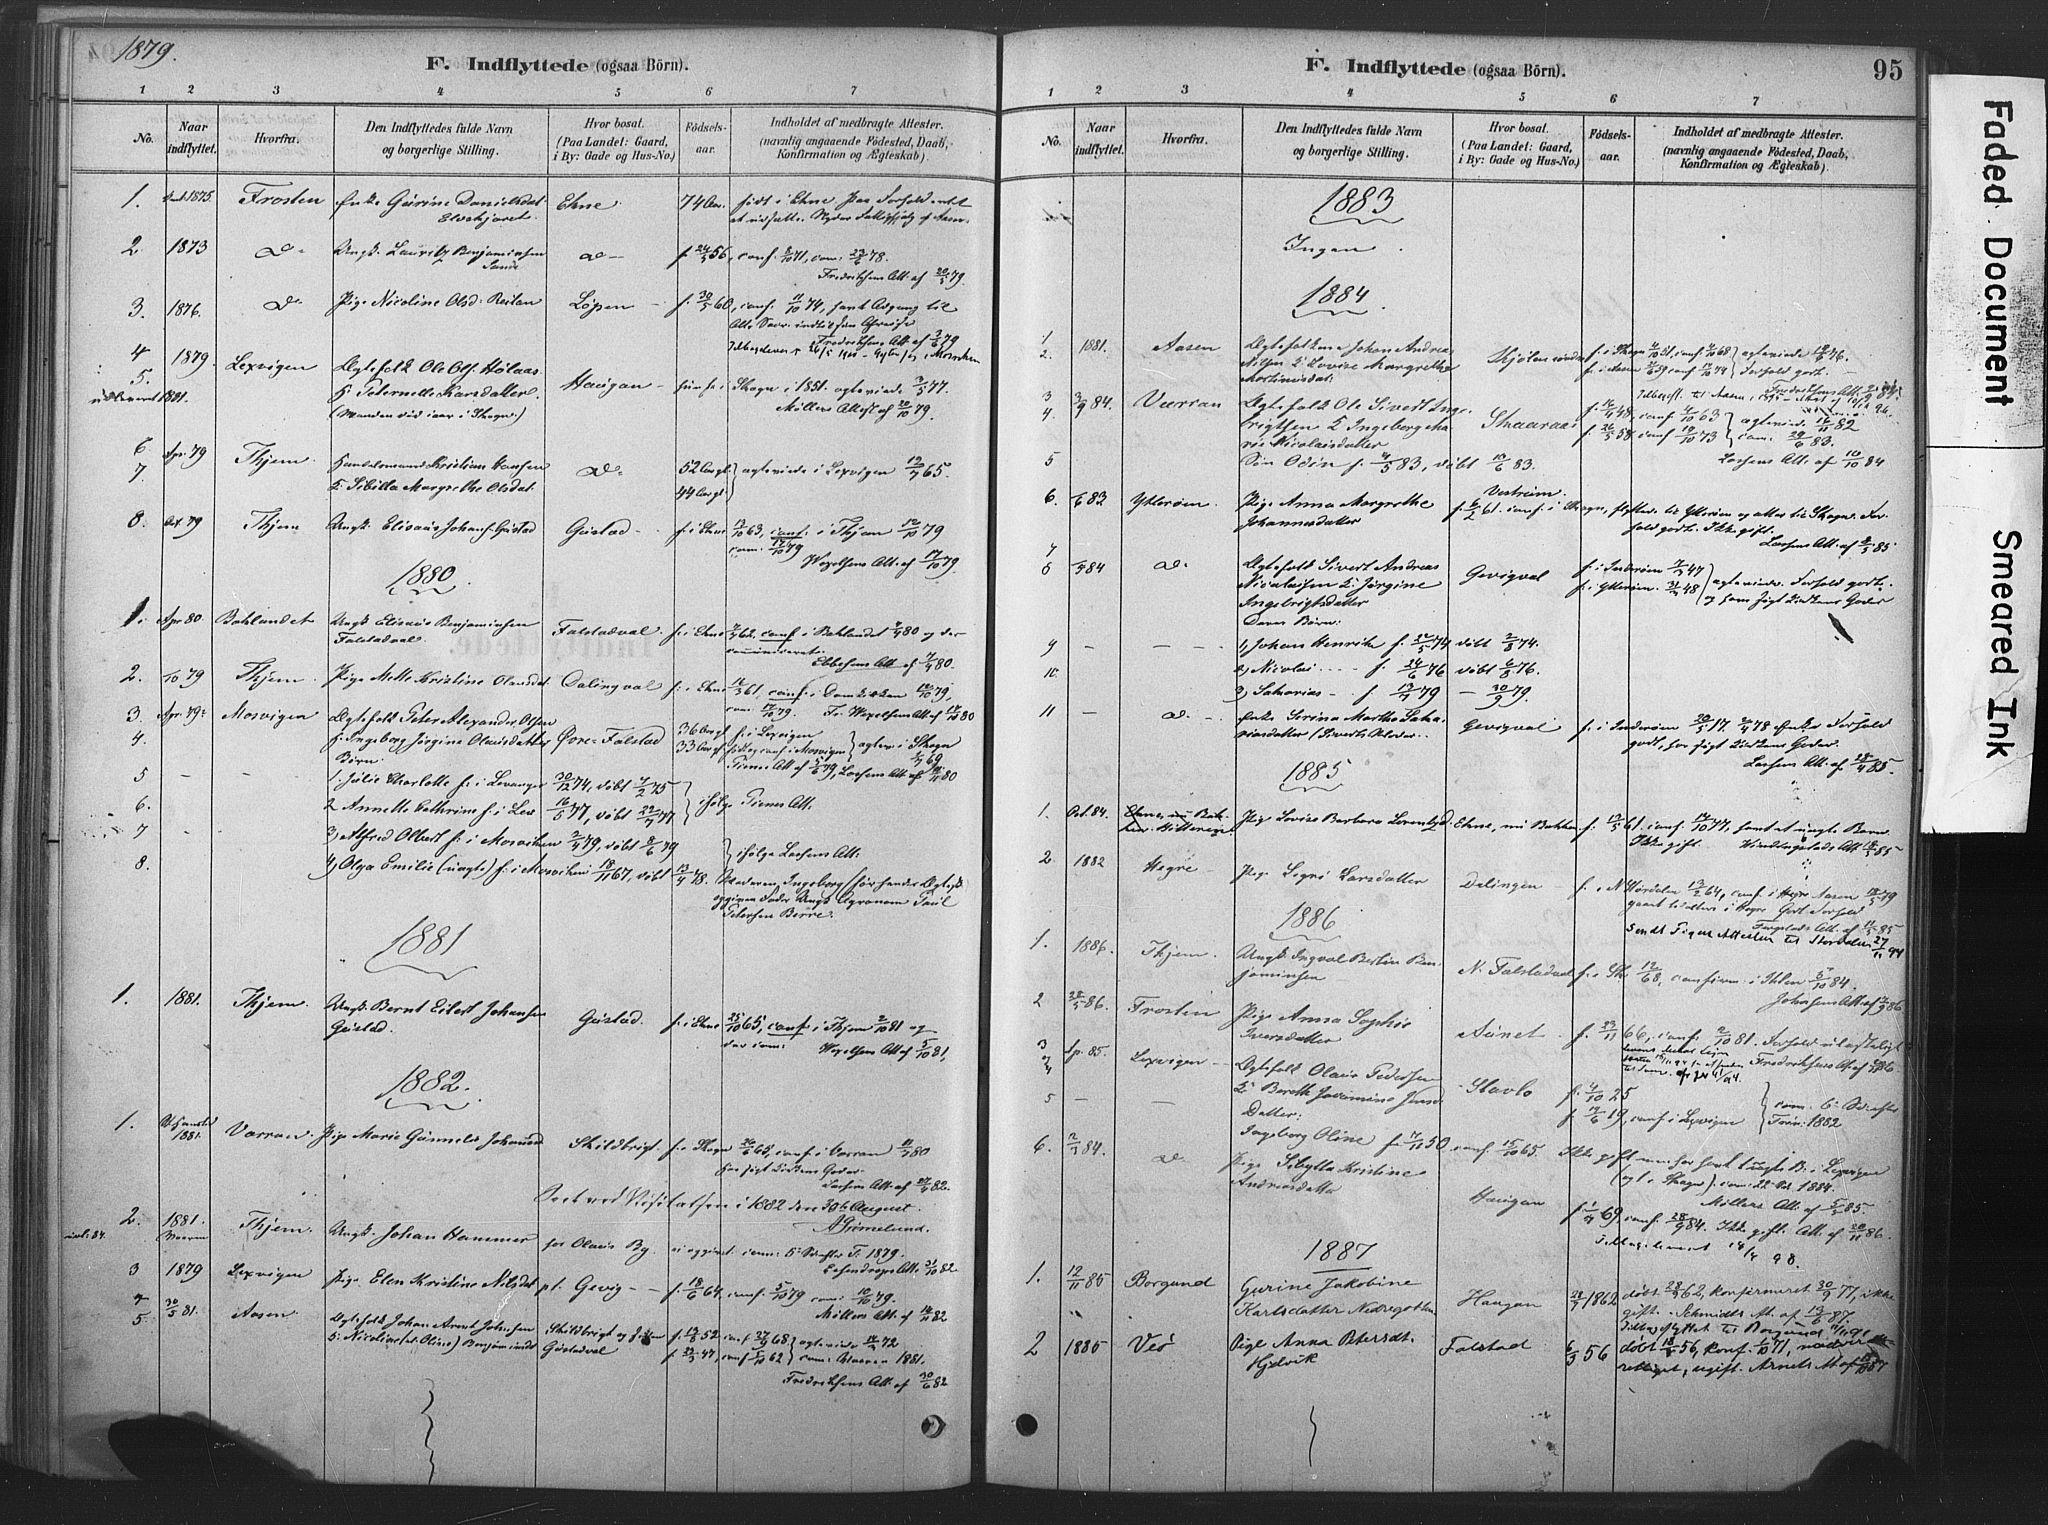 SAT, Ministerialprotokoller, klokkerbøker og fødselsregistre - Nord-Trøndelag, 719/L0178: Ministerialbok nr. 719A01, 1878-1900, s. 95